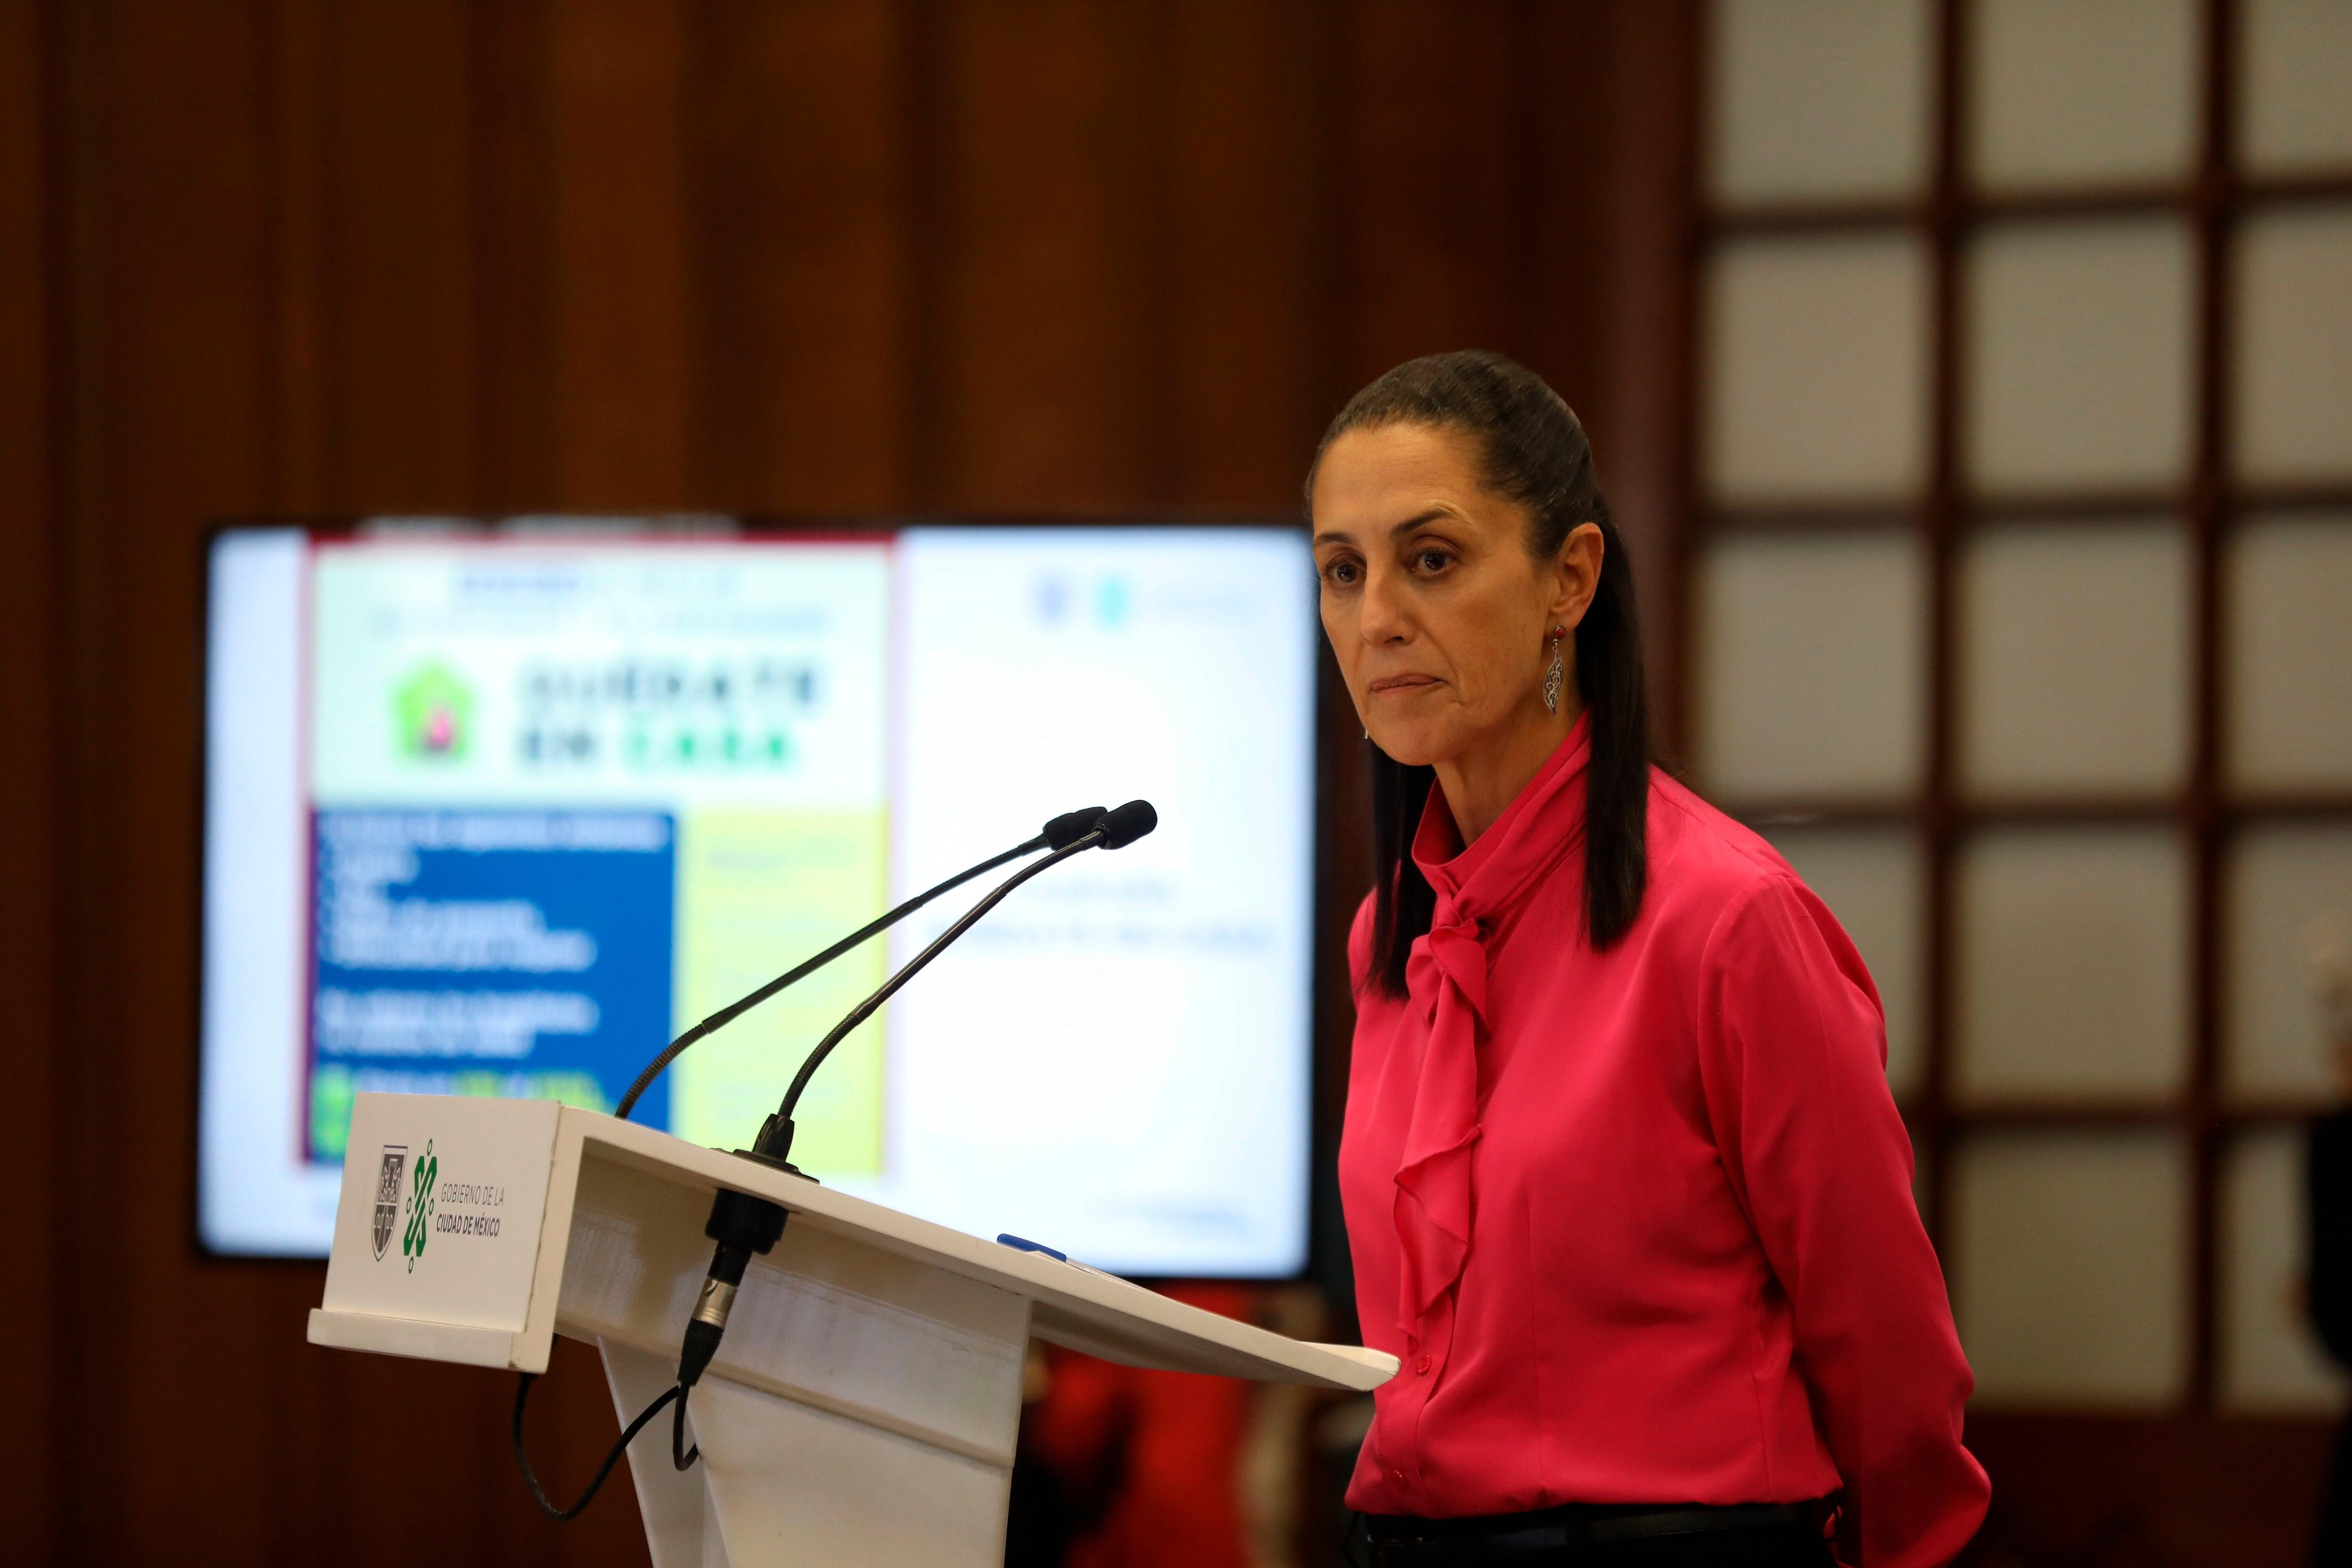 La jefa de Gobierno de Ciudad de México, Claudia Sheinbaum, habla durante una rueda de prensa en Ciudad de México (México). EFE/ Sáshenka Gutiérrez/Archivo